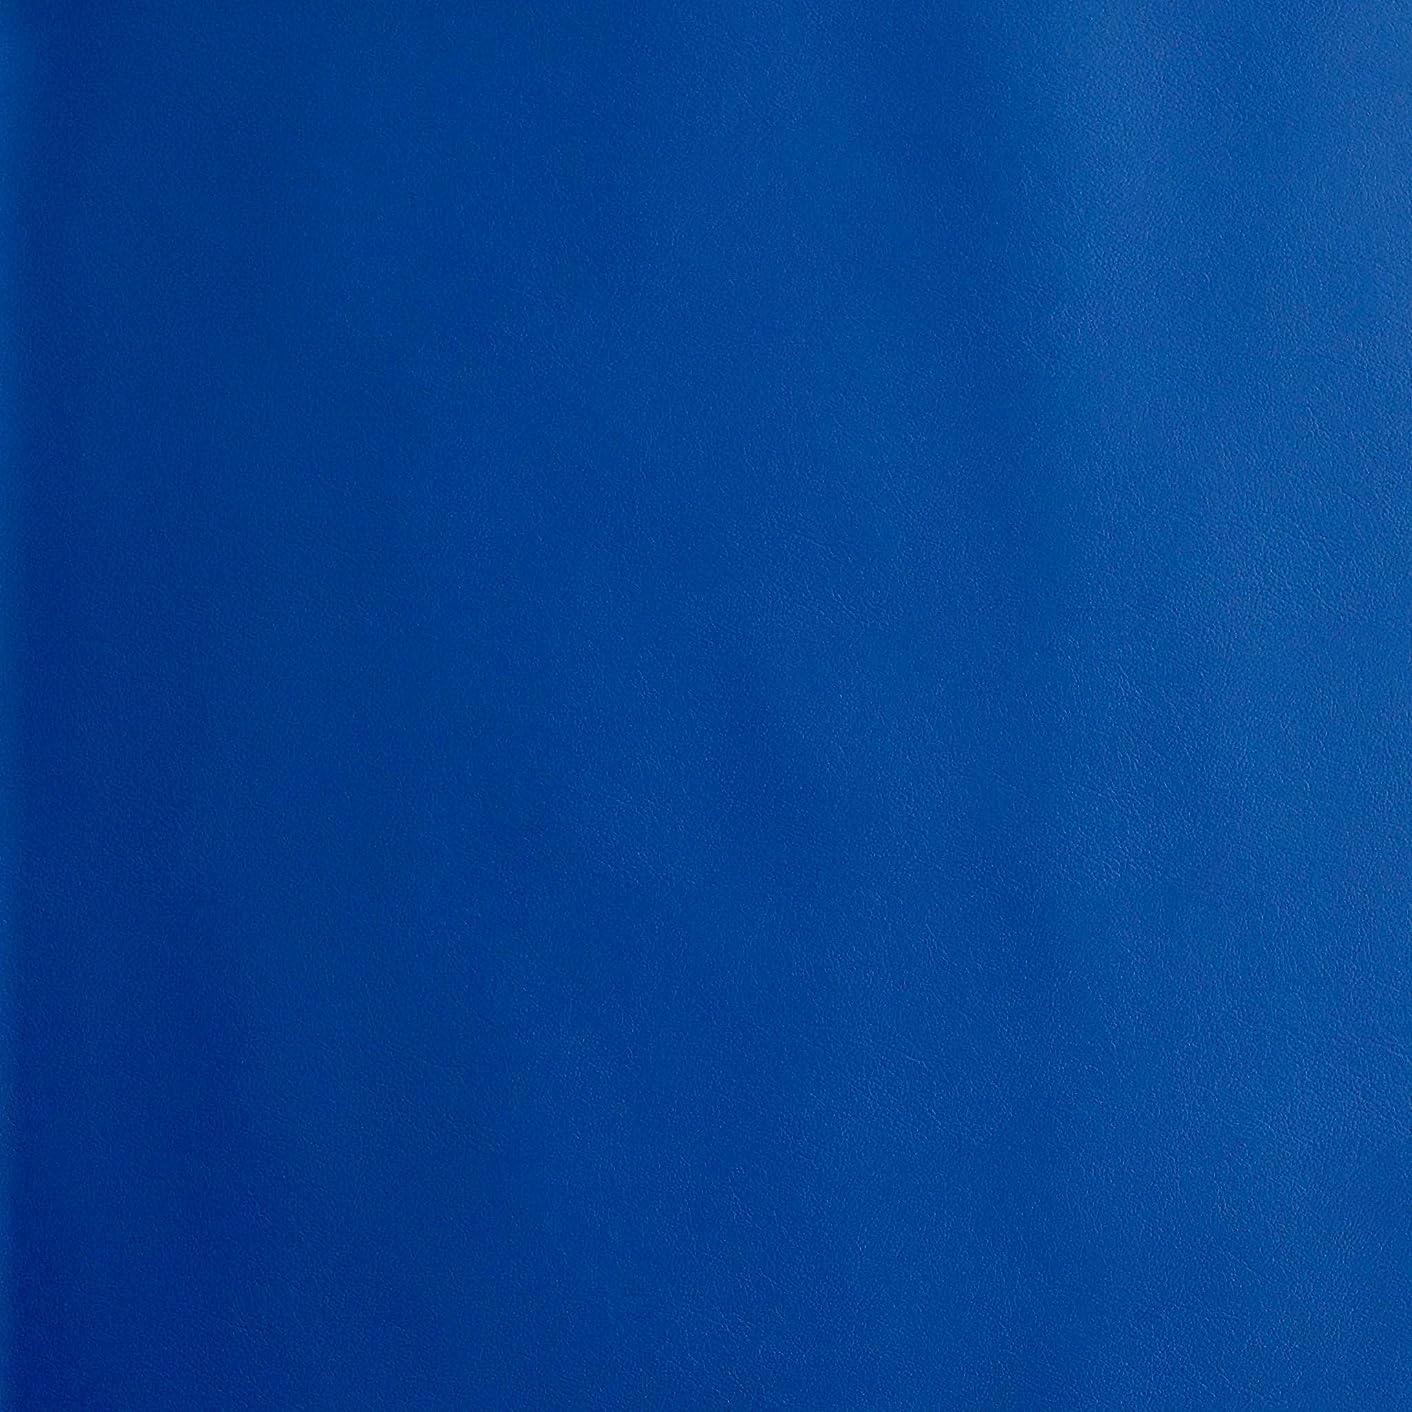 セージメディック受付椅子の張替え用 張り地 レザー(合皮) 単品【通常サイズ】(1499ブルー)